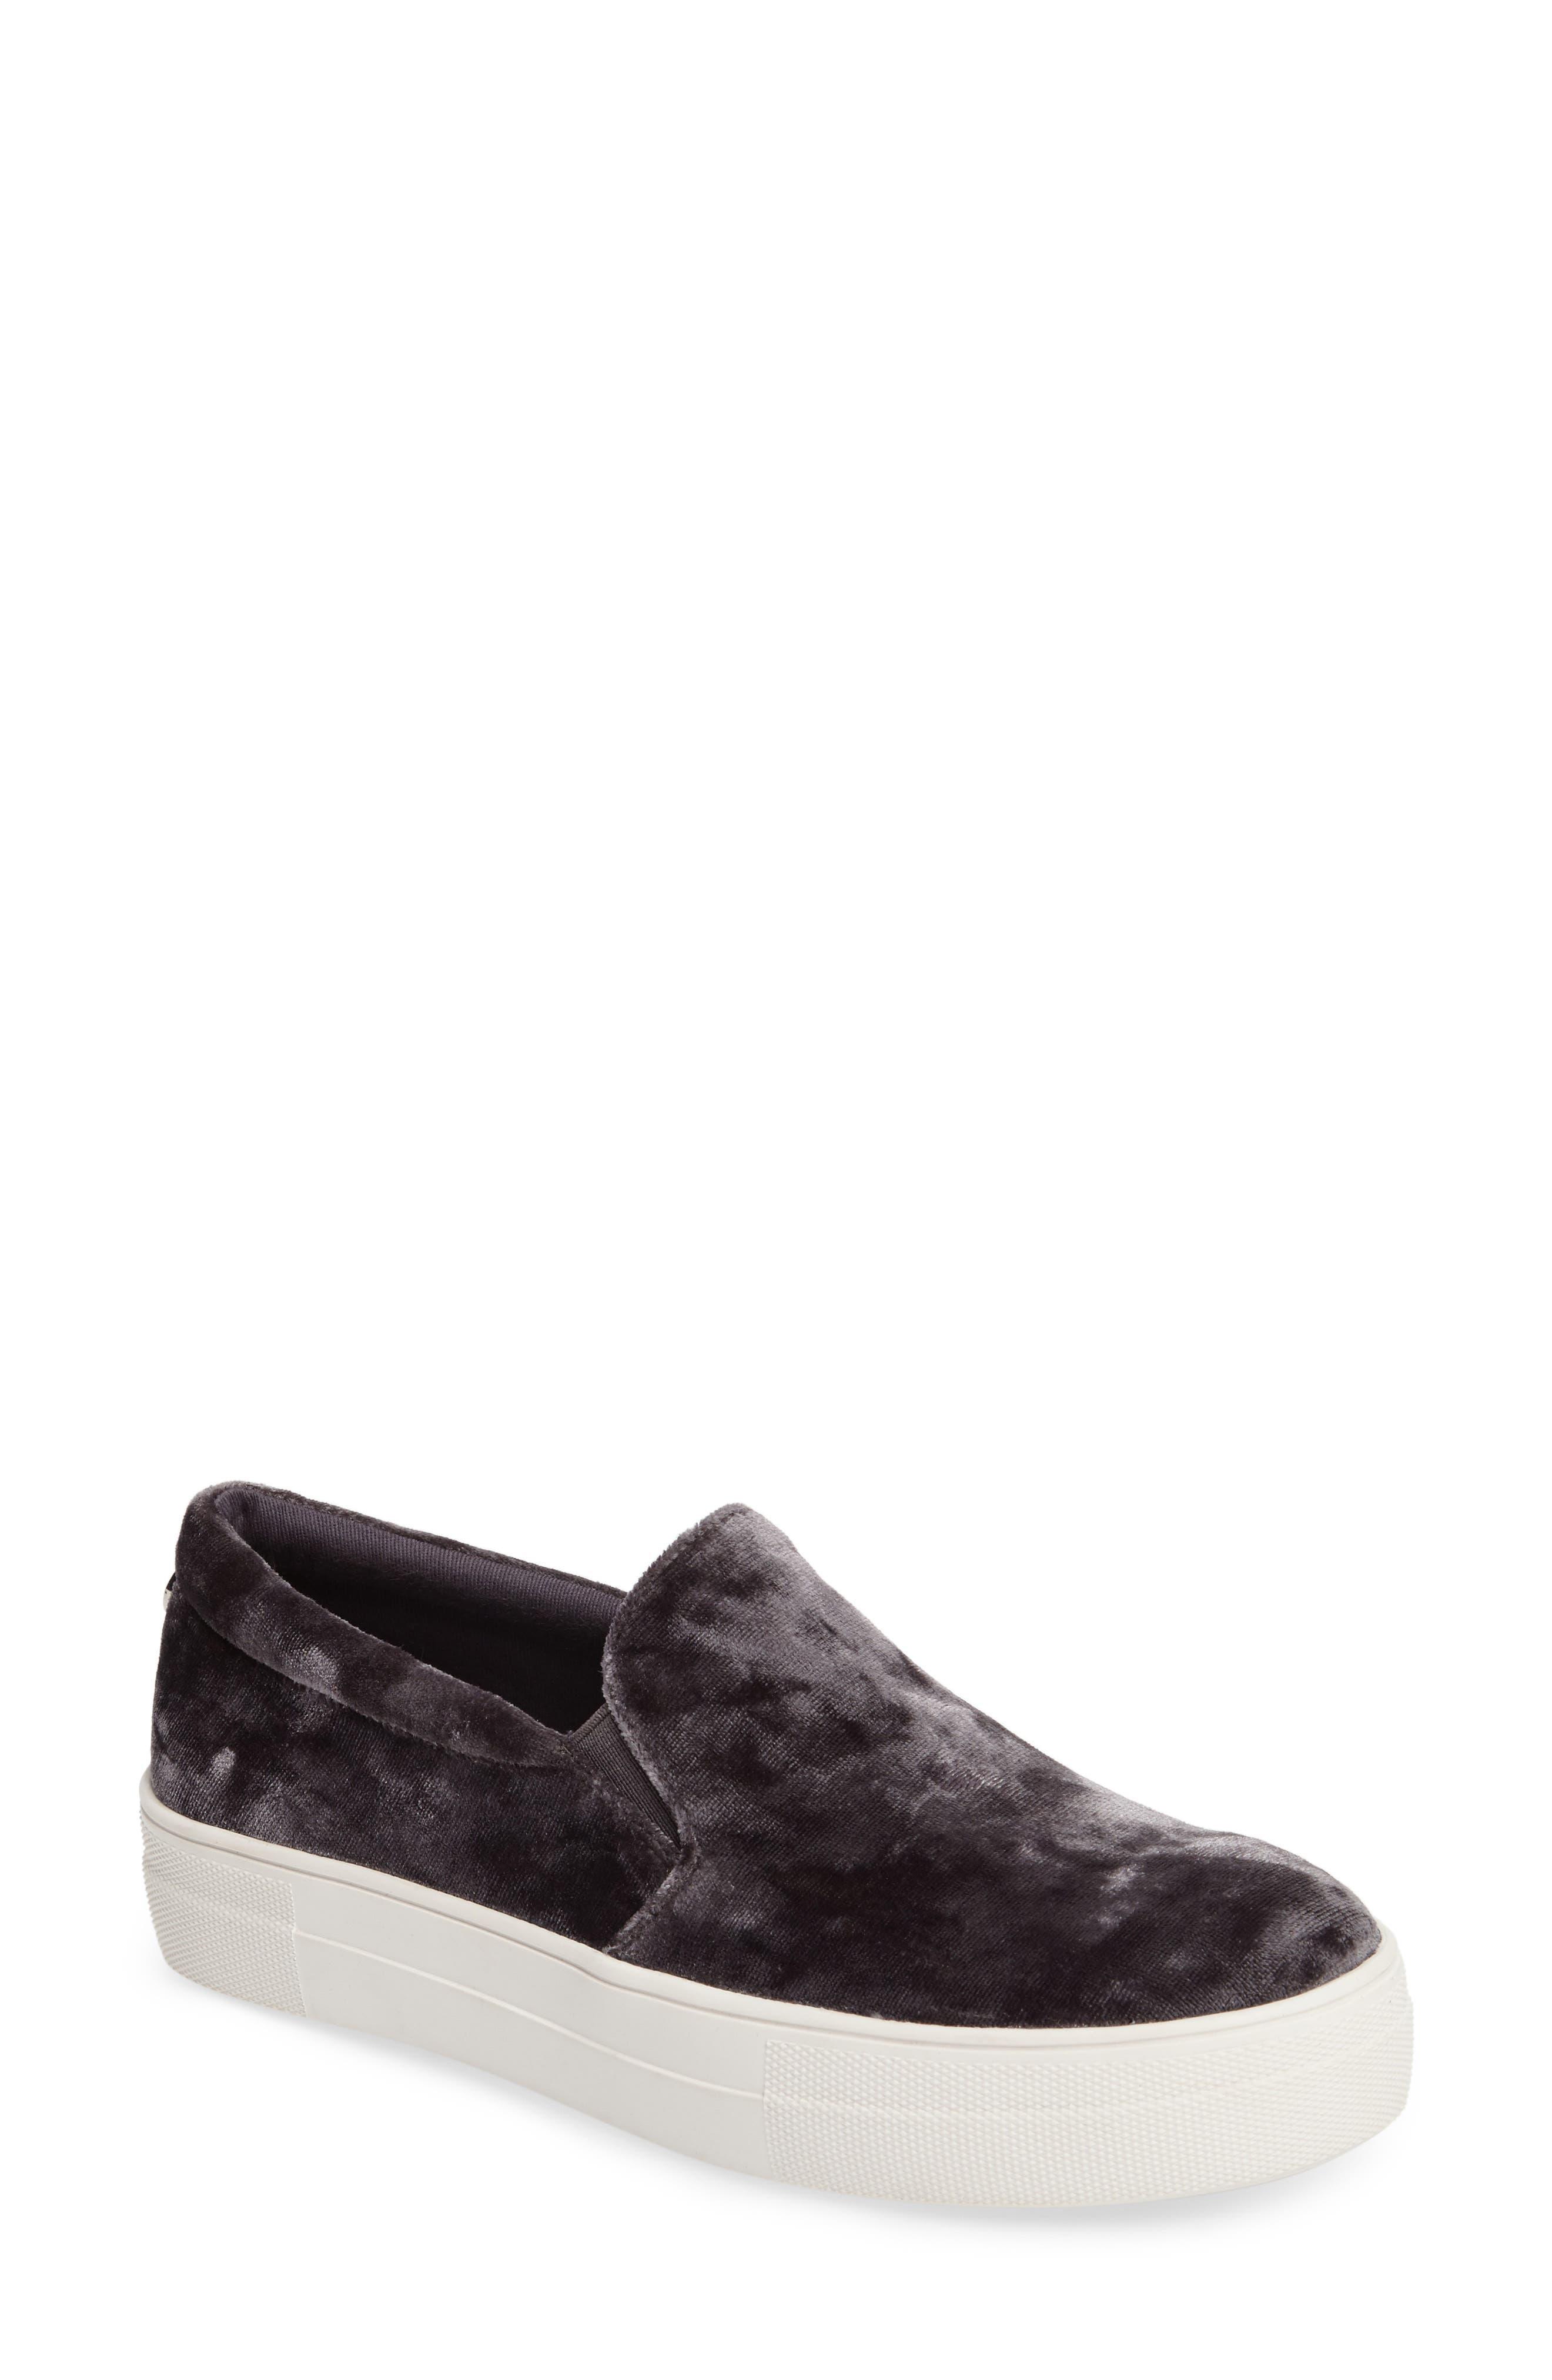 Steve Madden   Gema Slip-On Sneaker